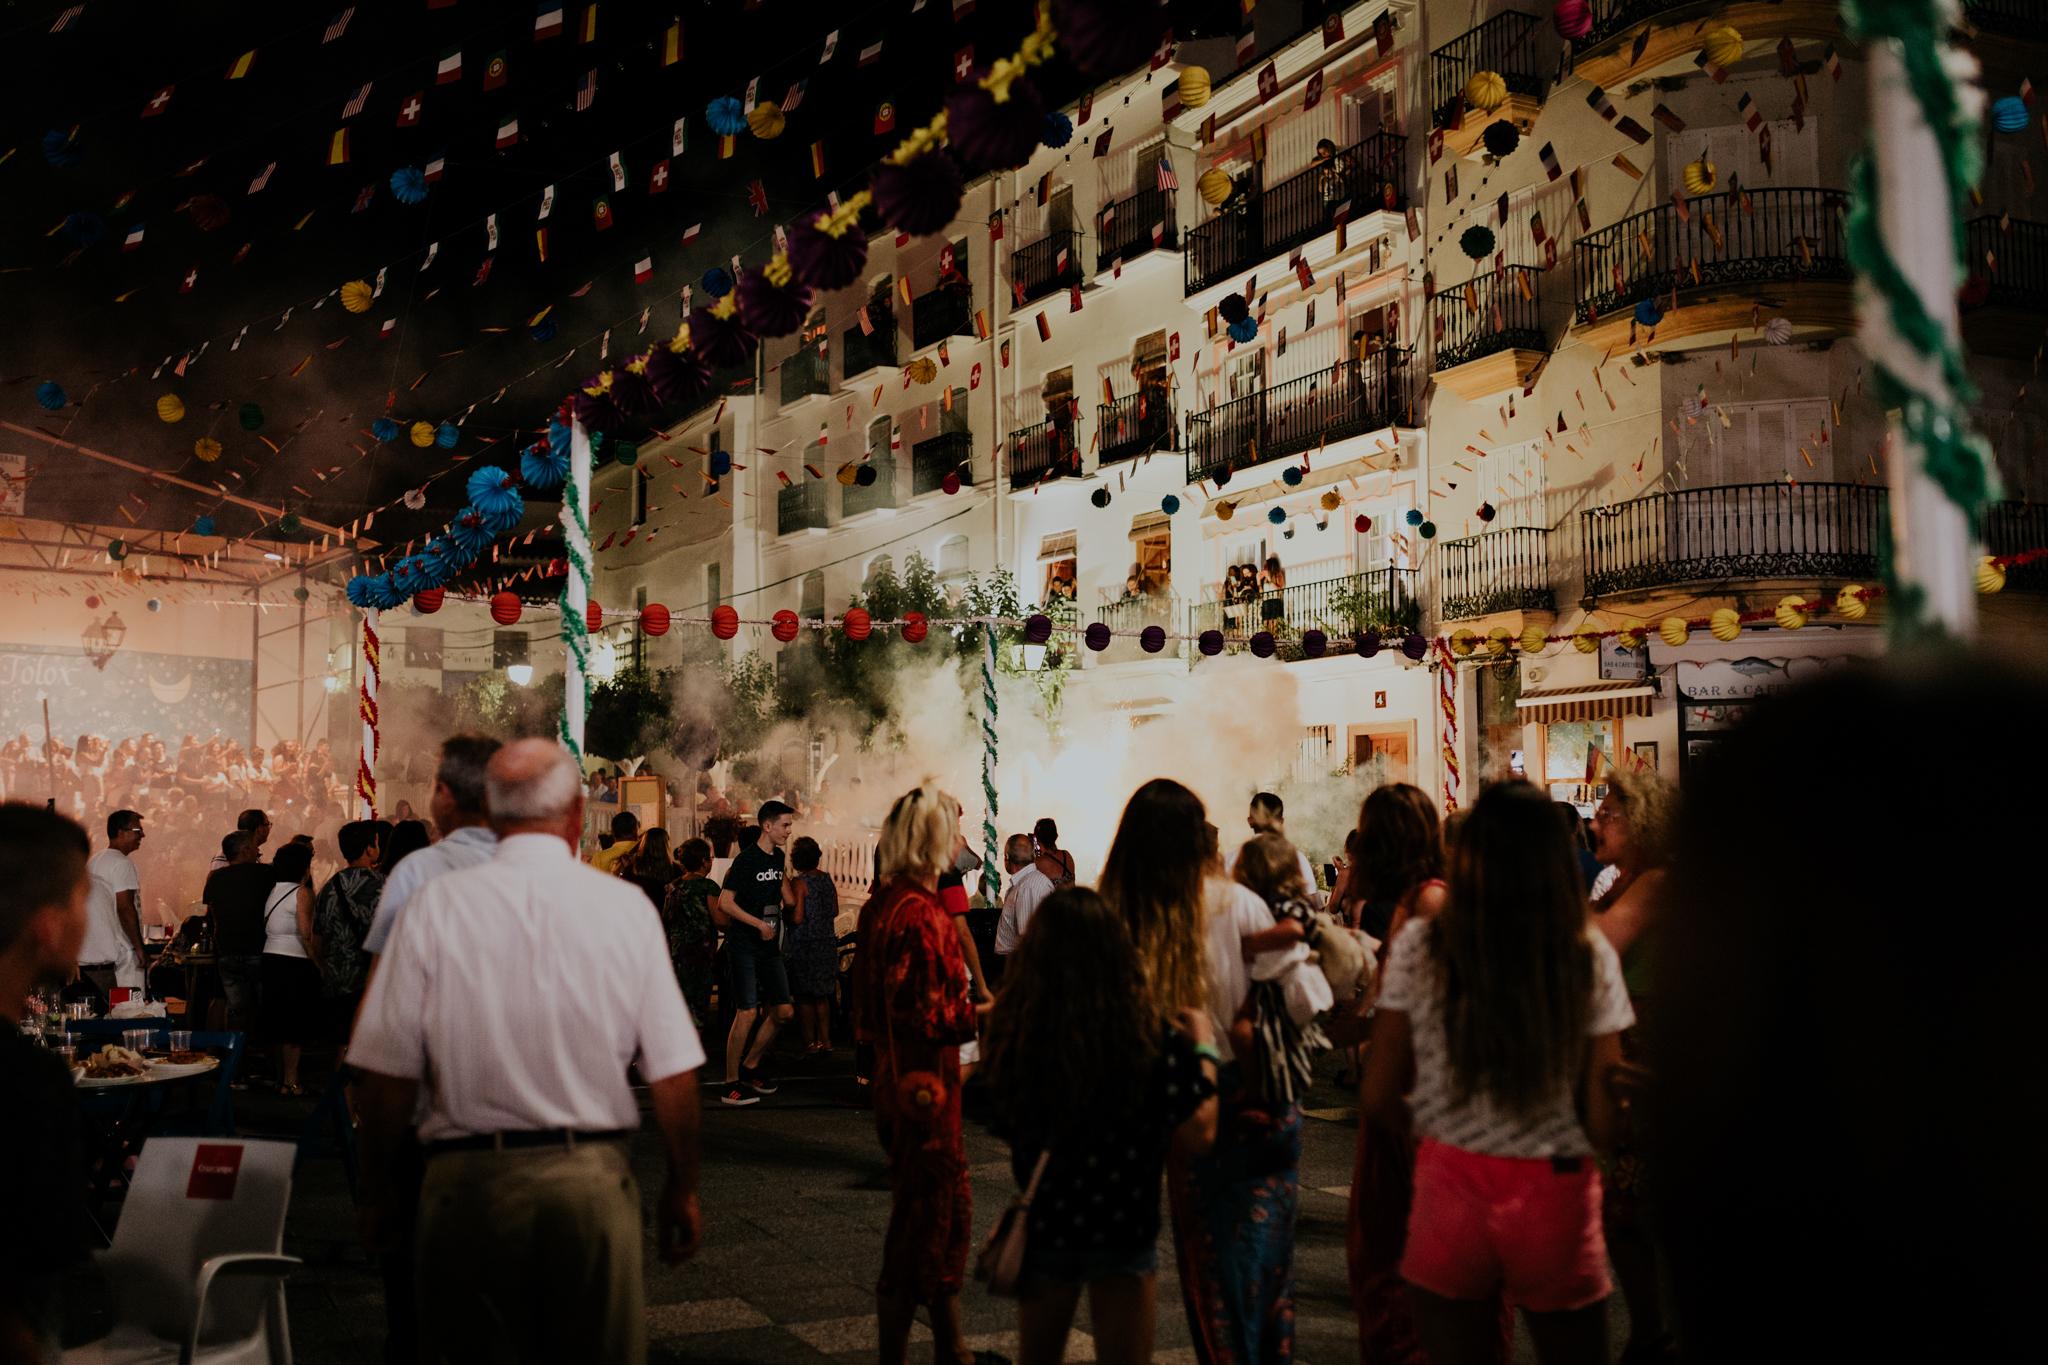 Natalie Skoric - Spain Travel Photography-32.jpg